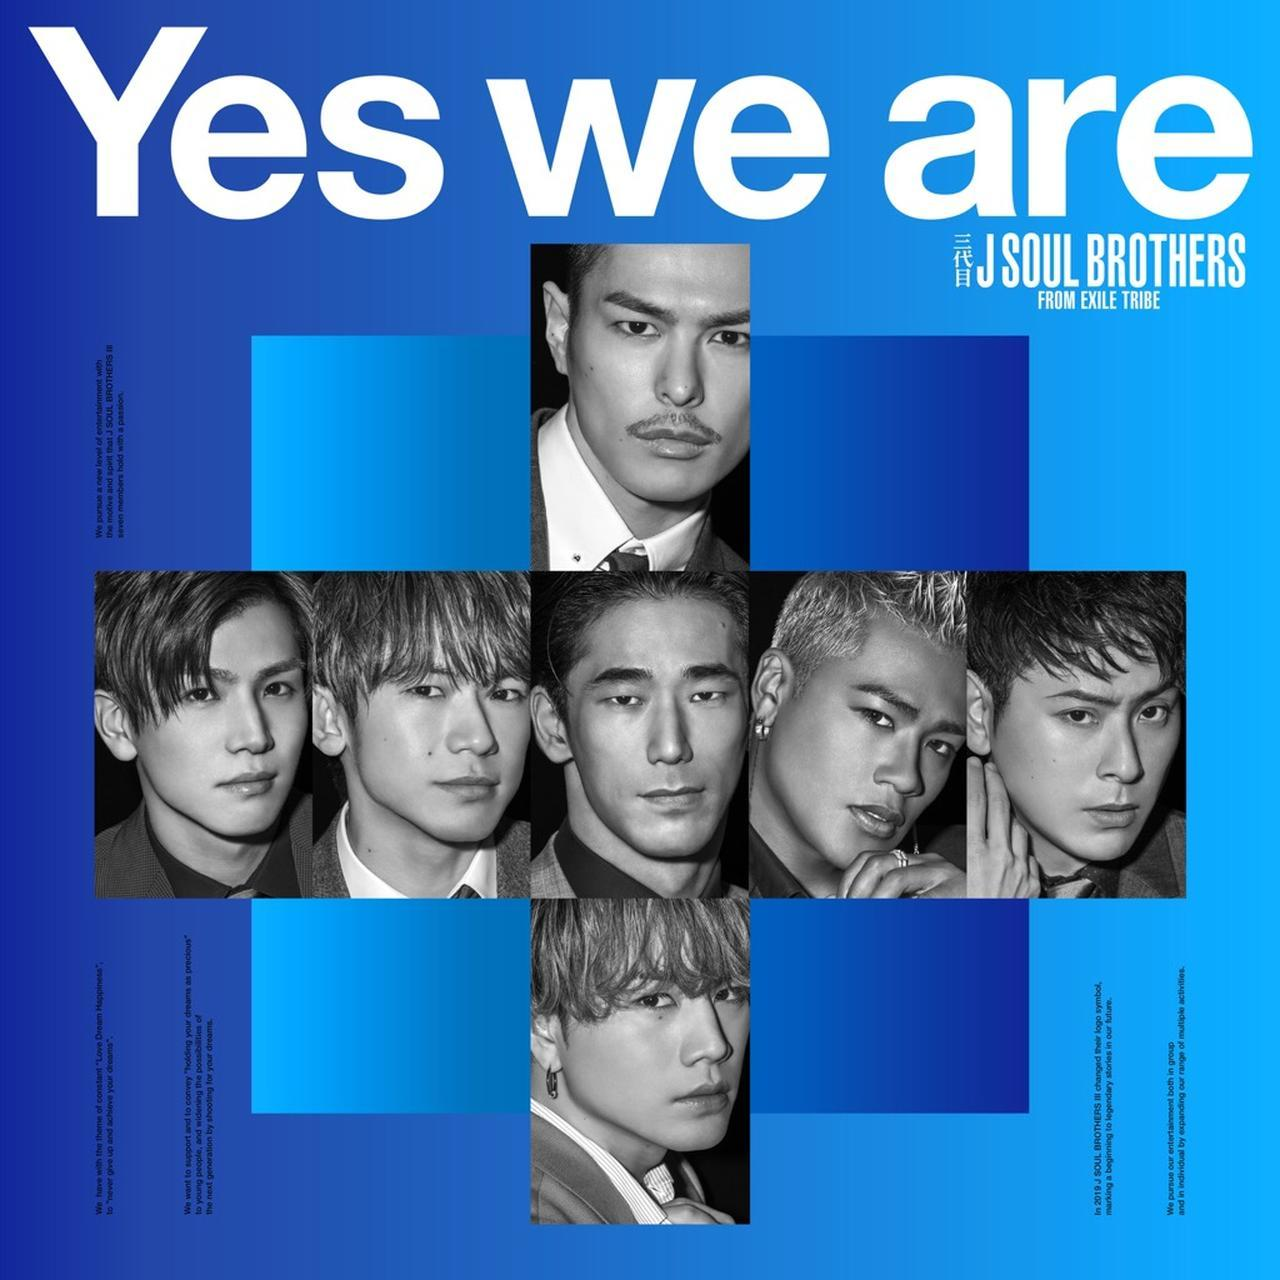 画像: Yes we are / 三代目 J SOUL BROTHERS from EXILE TRIBE